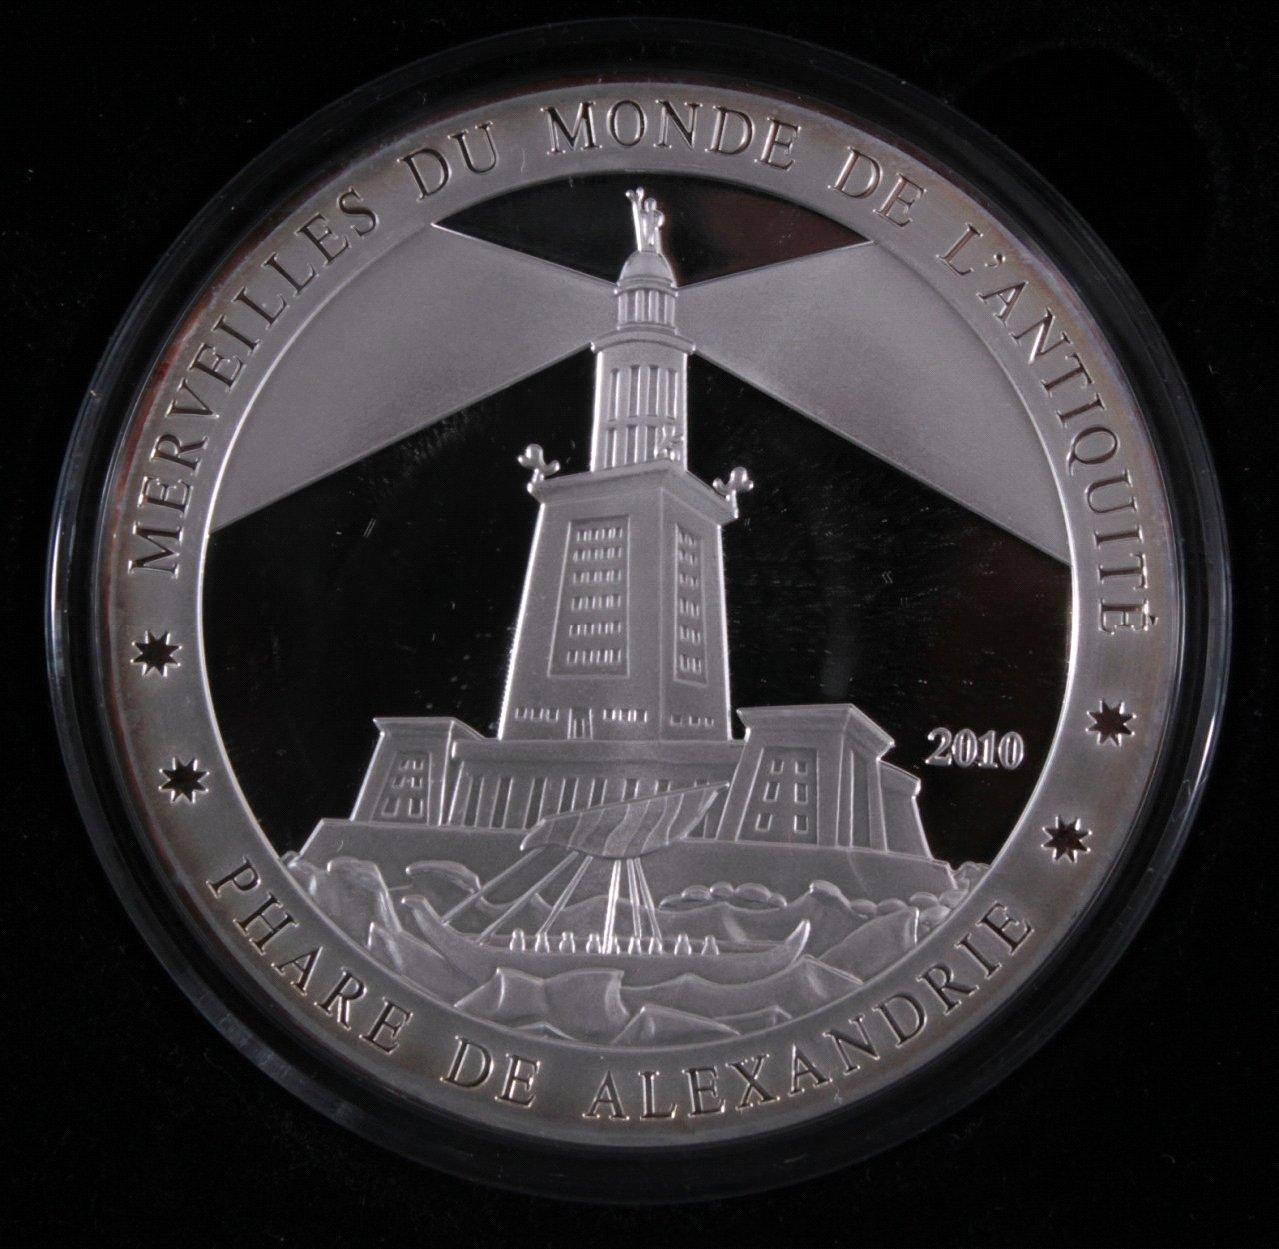 Elfenbeinküste, 1500 France 2010, die sieben Weltwunder